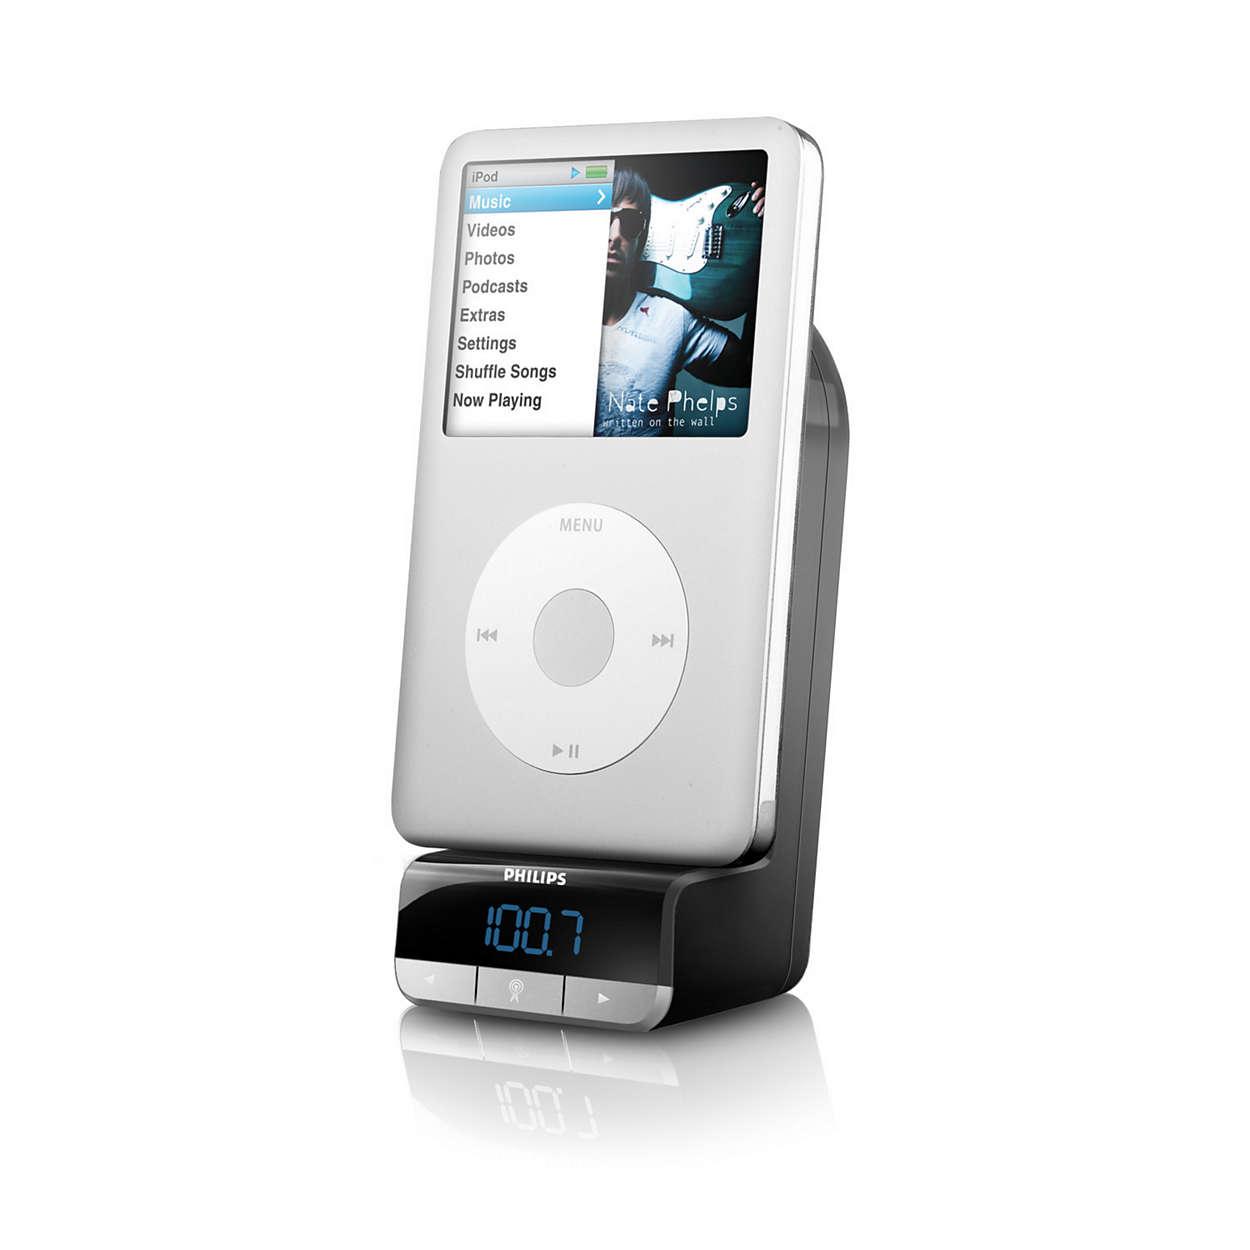 Folosiţi, încărcaţi şi montaţi iPod-ul în maşină